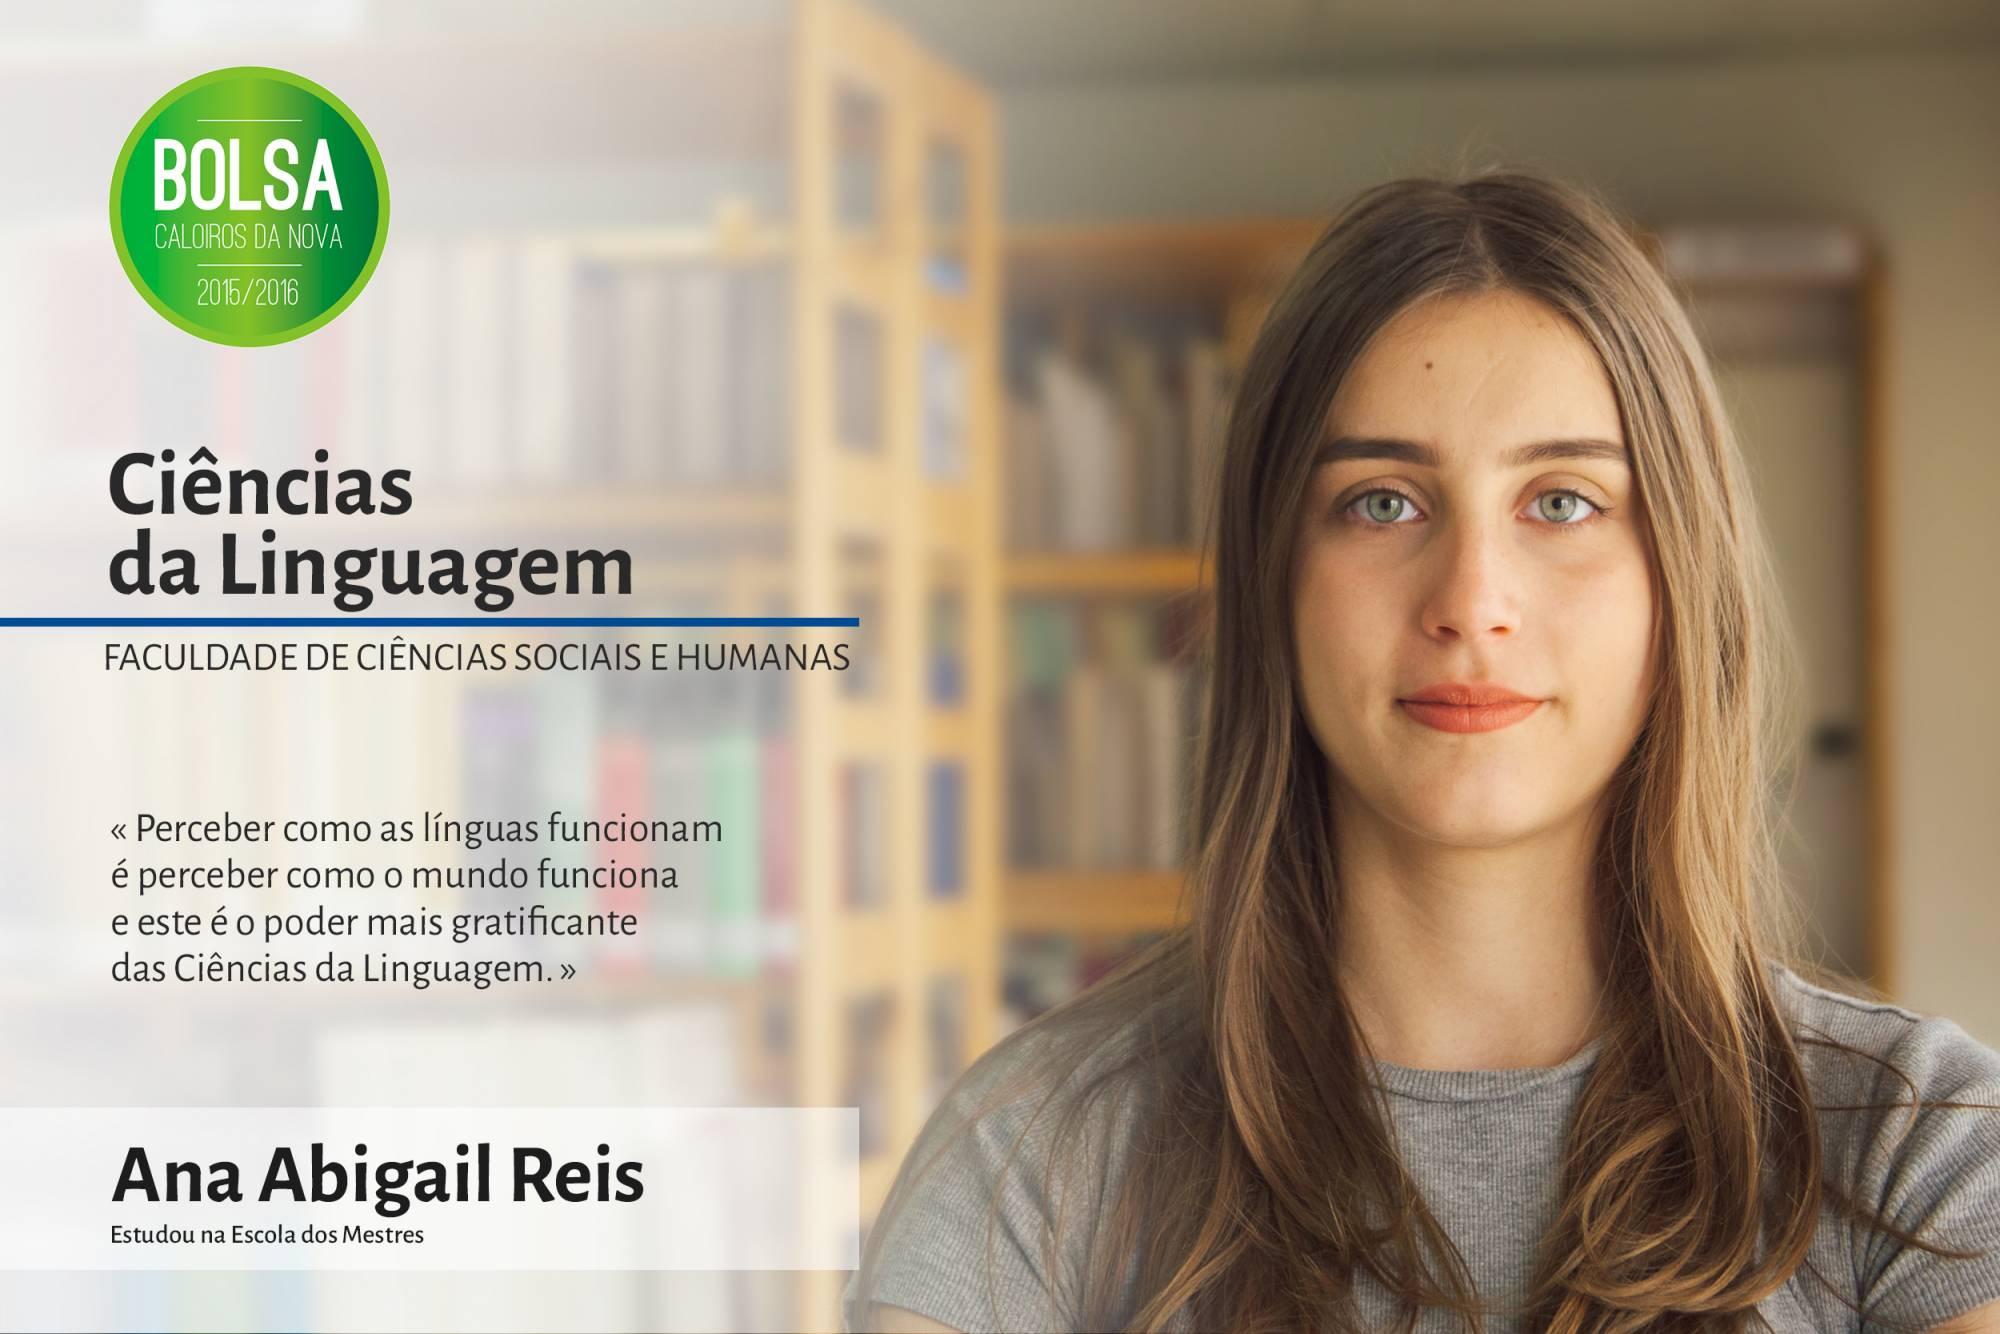 Ana Abigail Reis, Faculdade de Ciências Sociais e Humanas da NOVA